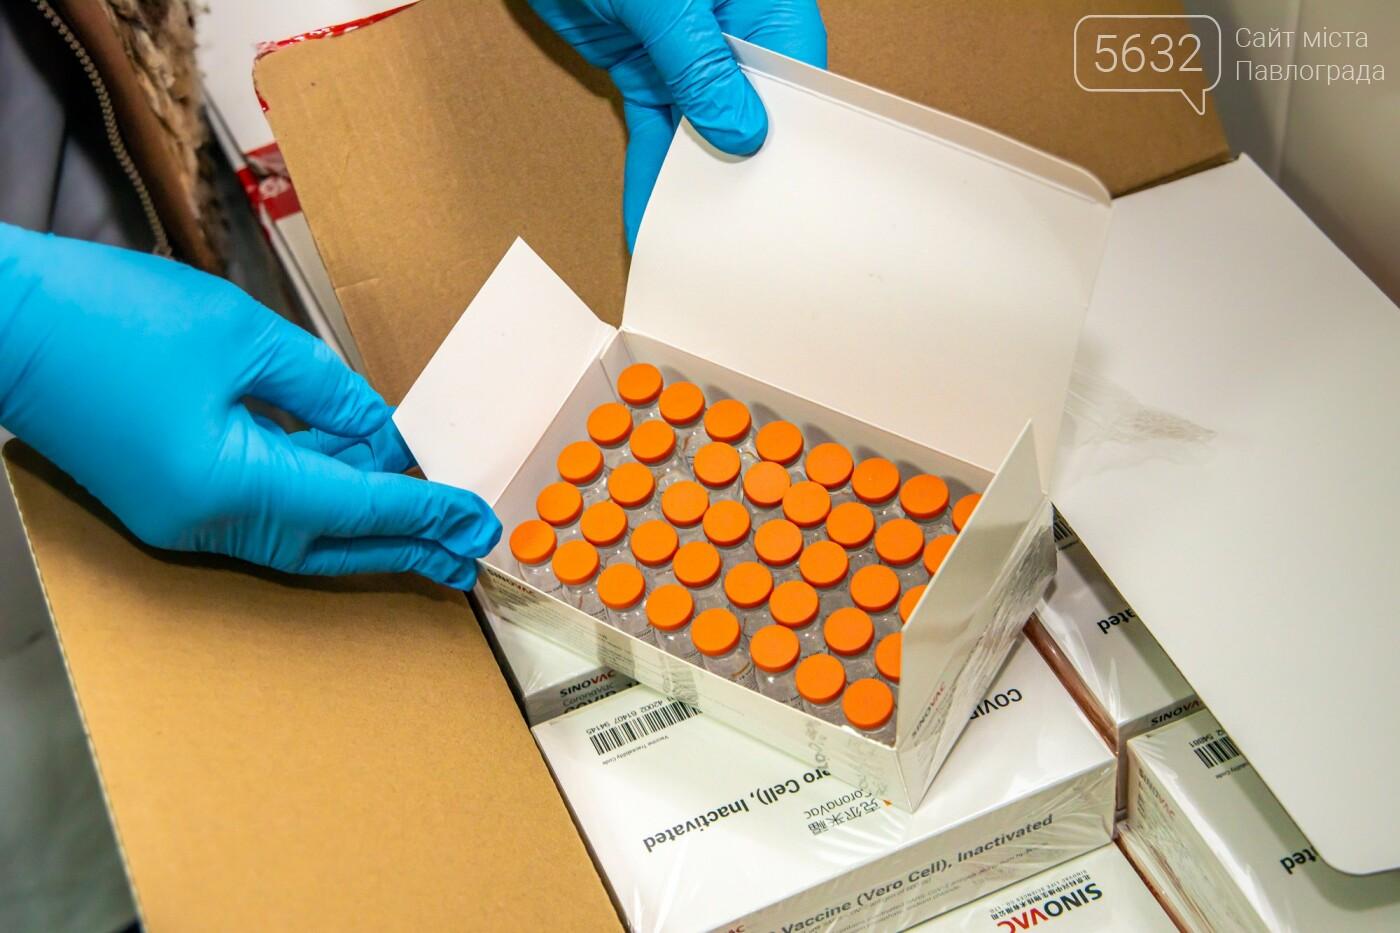 Днепропетровщина получила более 11,5 тыс. доз китайской вакцины от коронавируса, фото-6